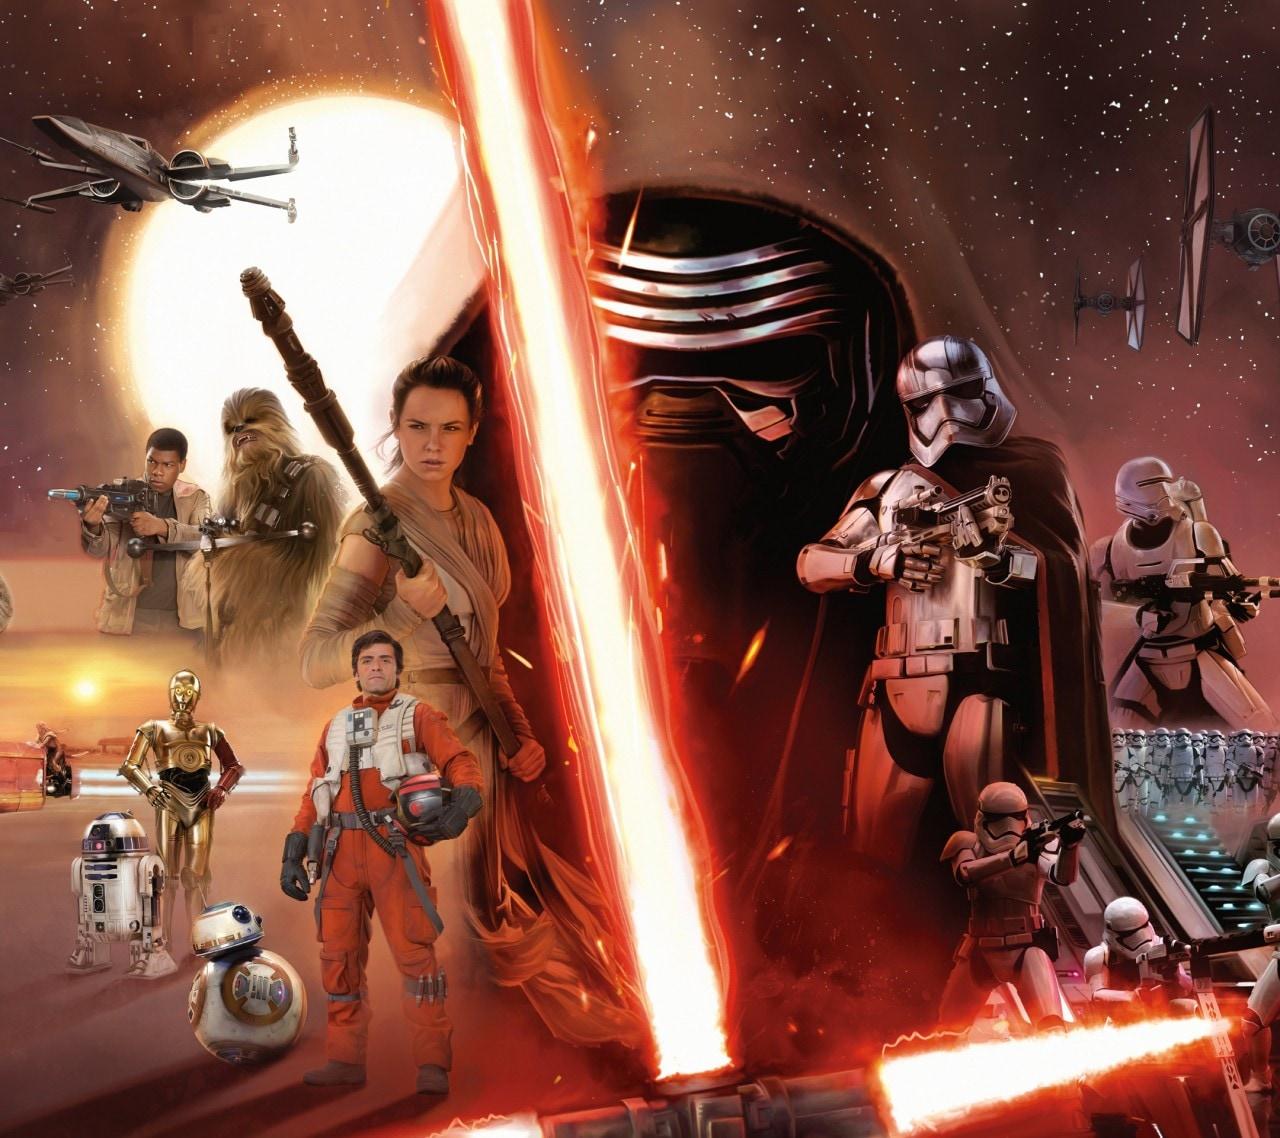 Star Wars: Il Risveglio della Forza, record al botteghino: 120,5 milioni di dollari solo il primo giorno